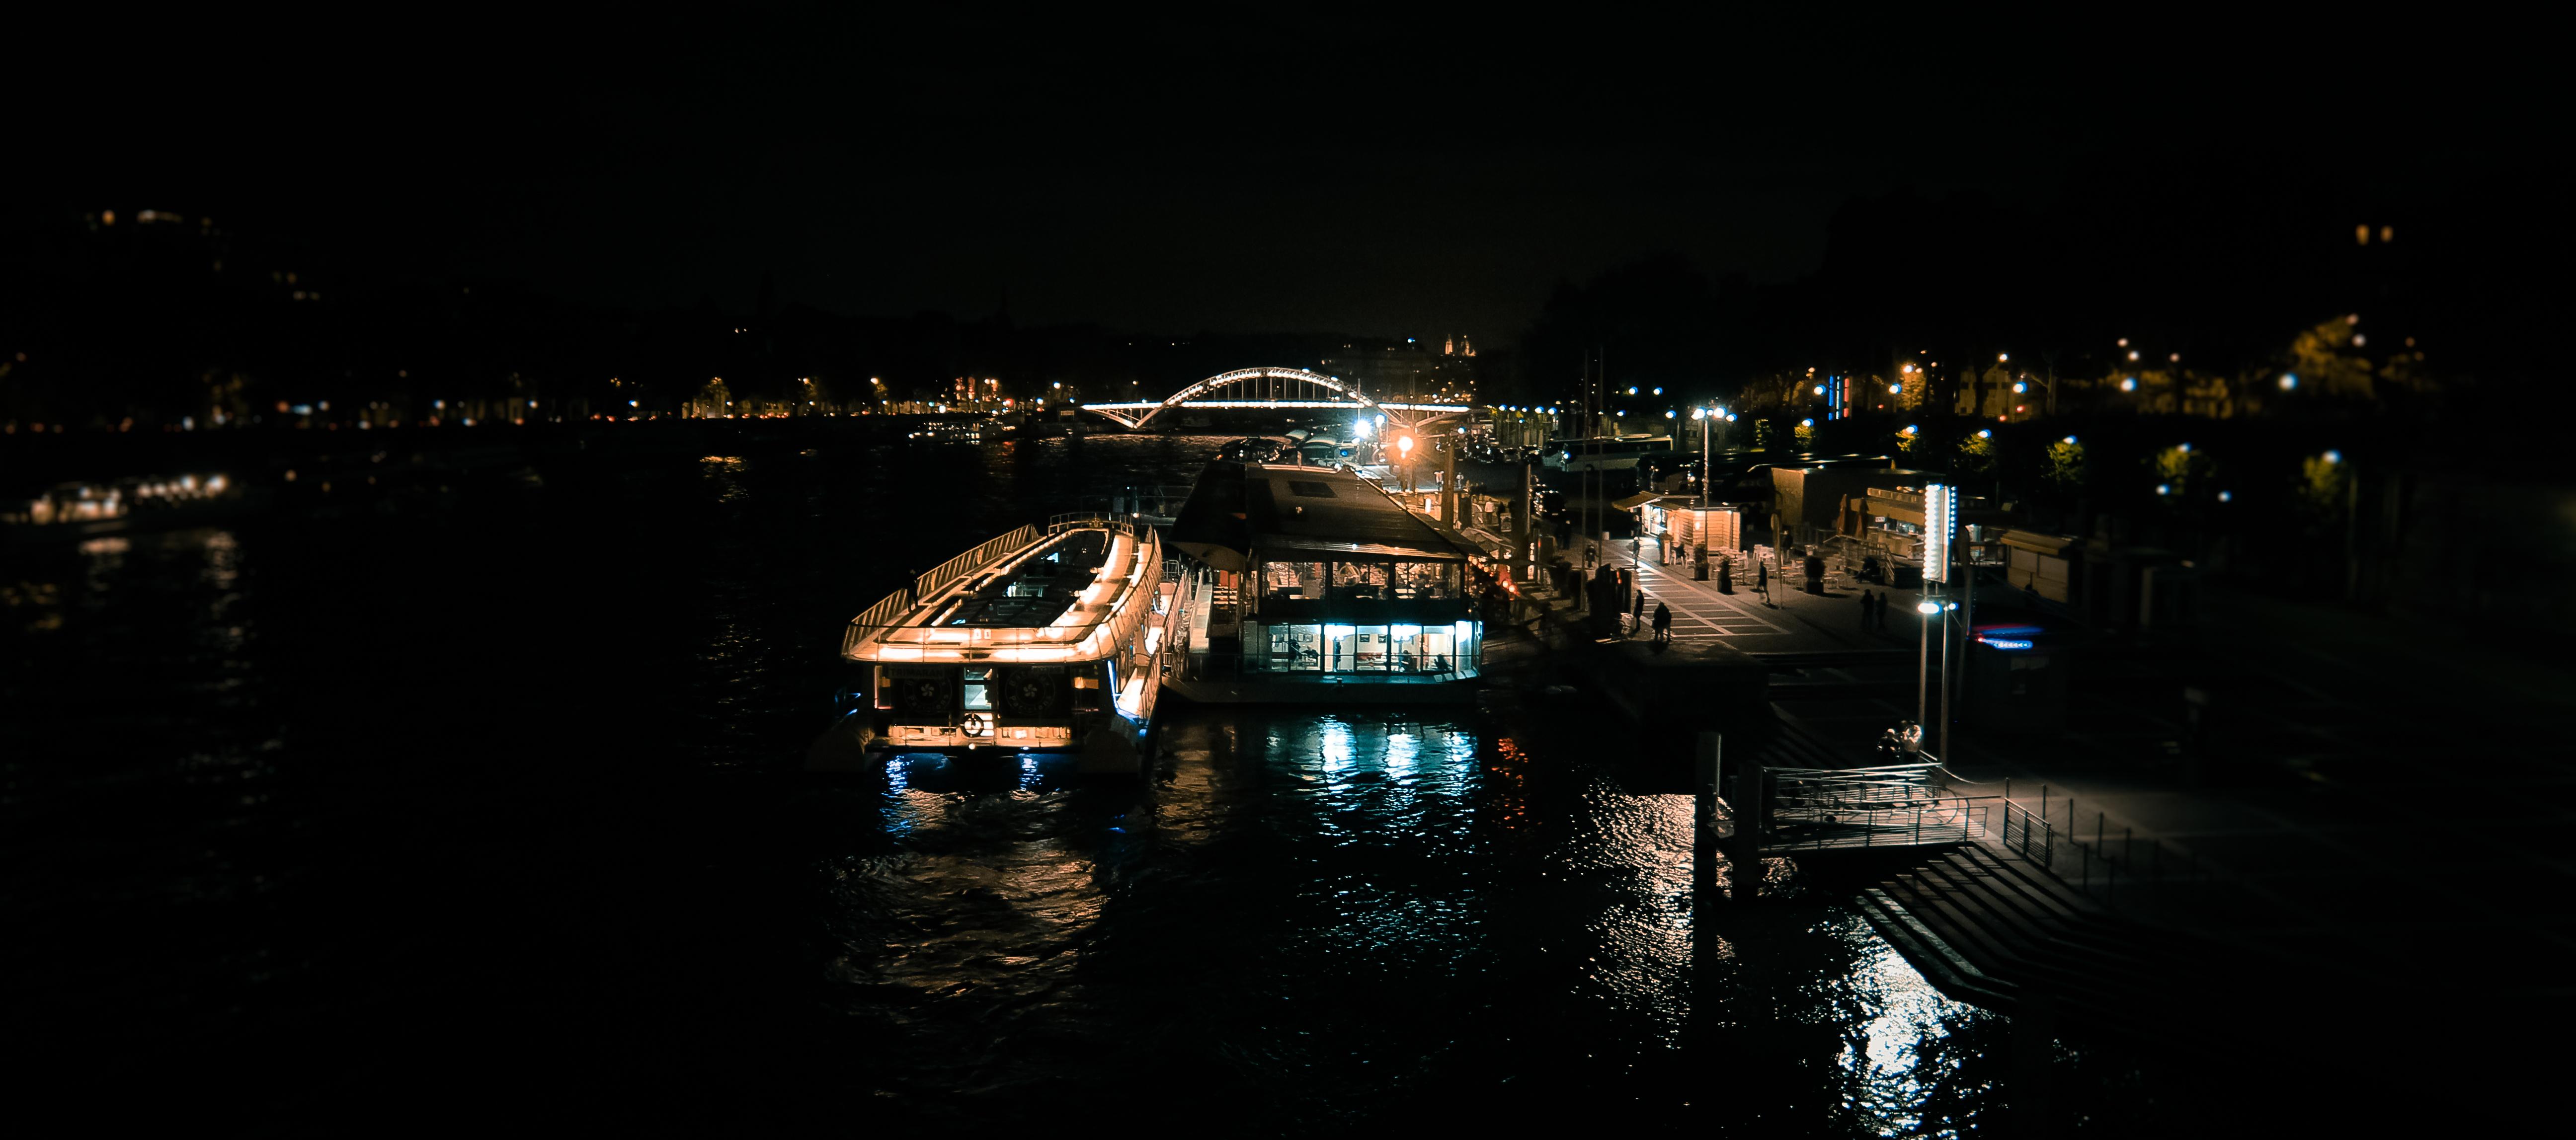 Ужин-круиз на кораблике по Сене